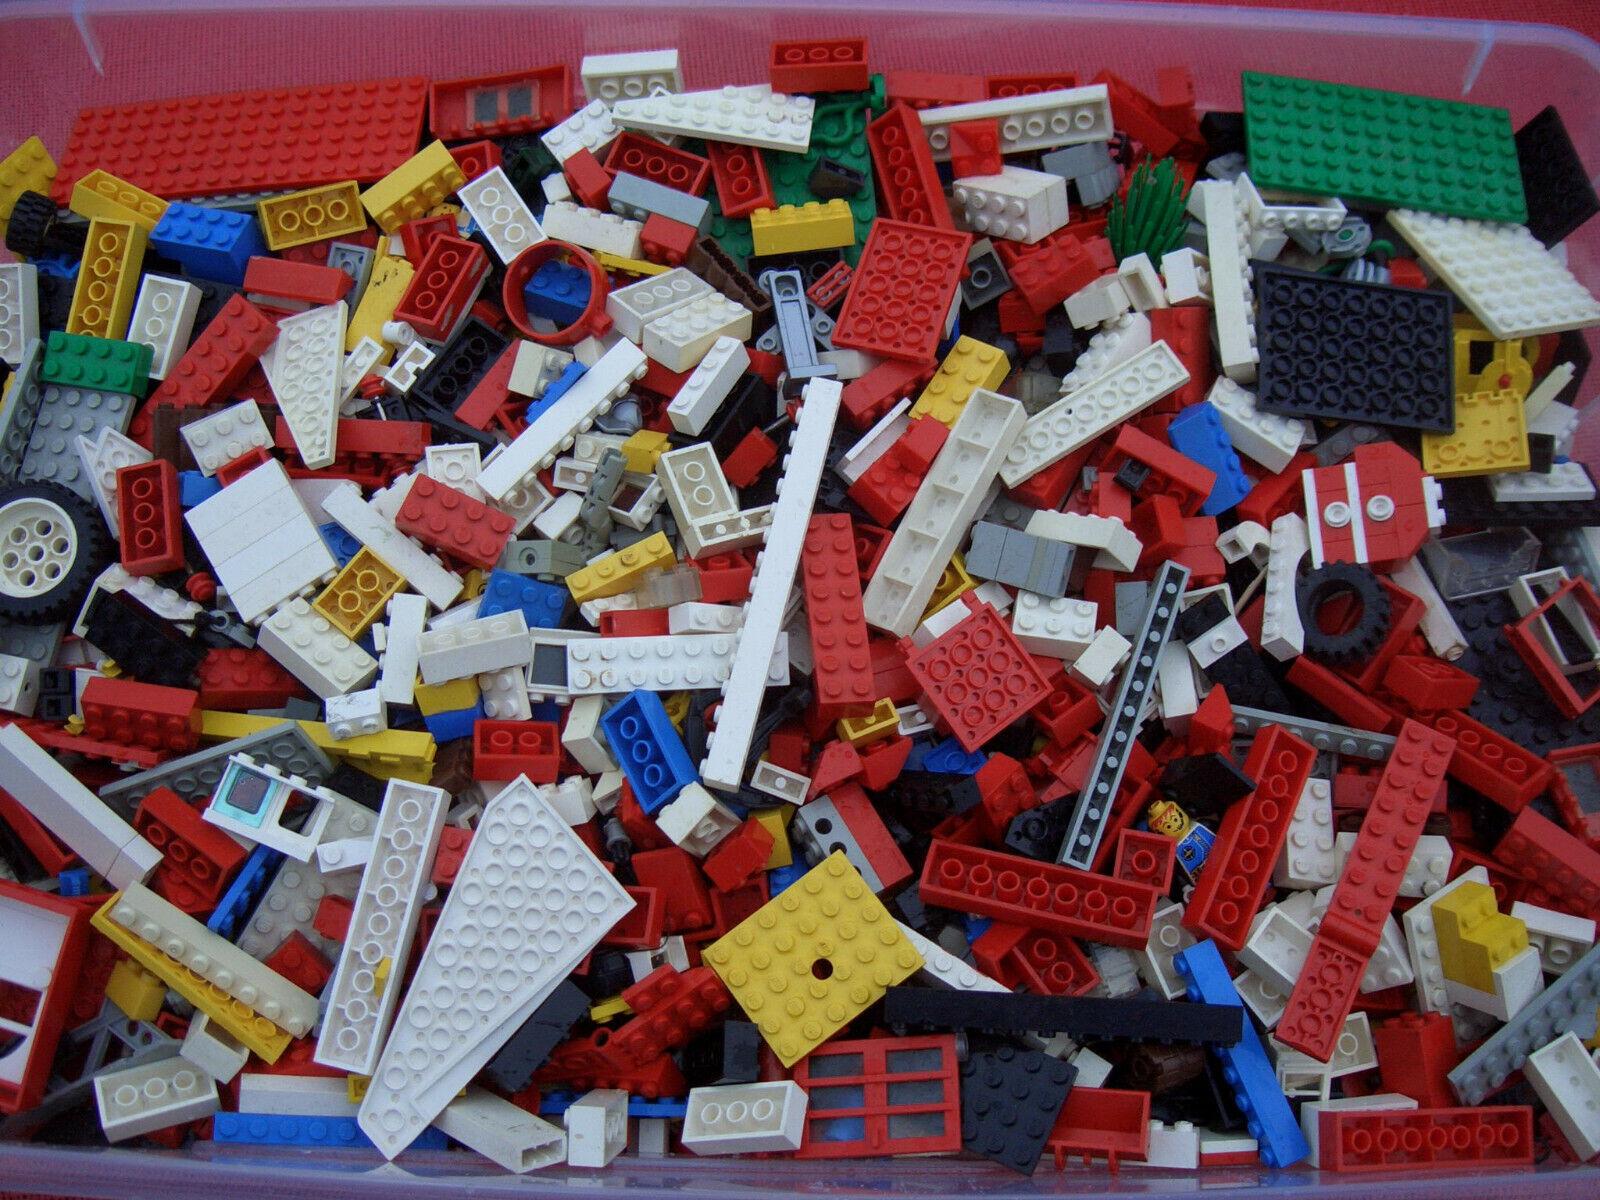 Lego 1 kg Kiloware Kg Sammlung Steine Konvolut sortiert